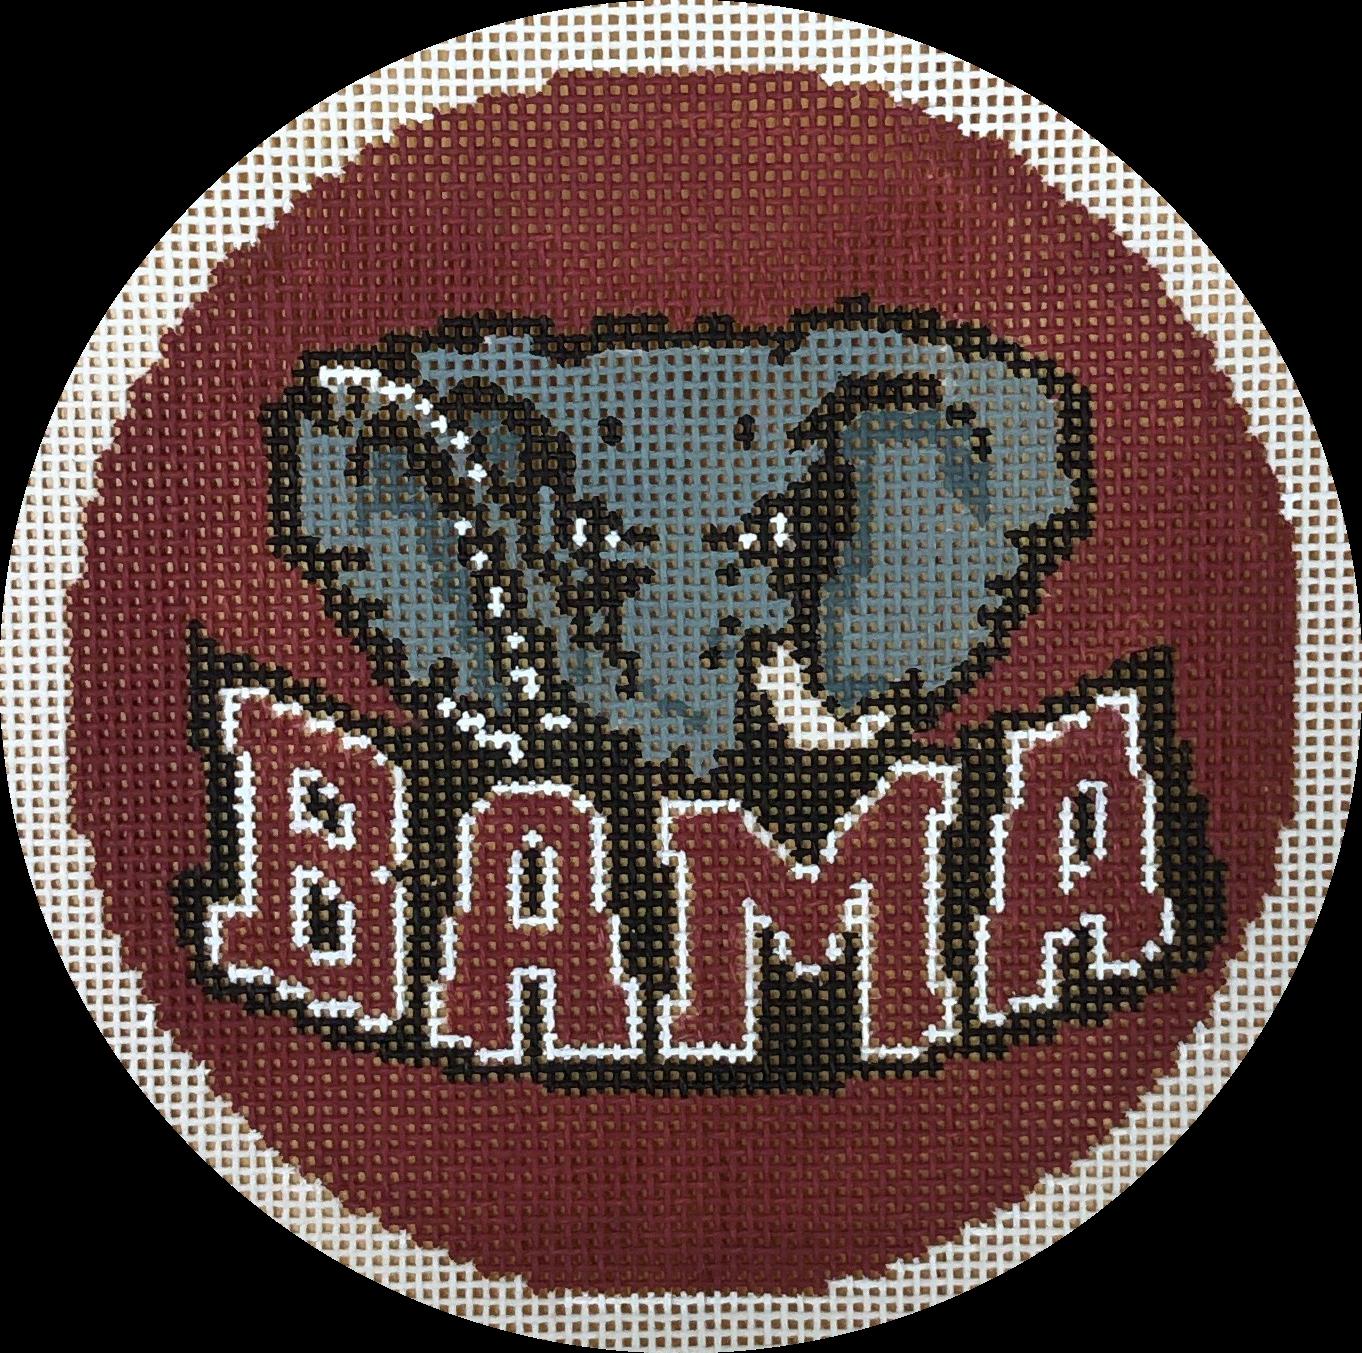 alabama elephant bama